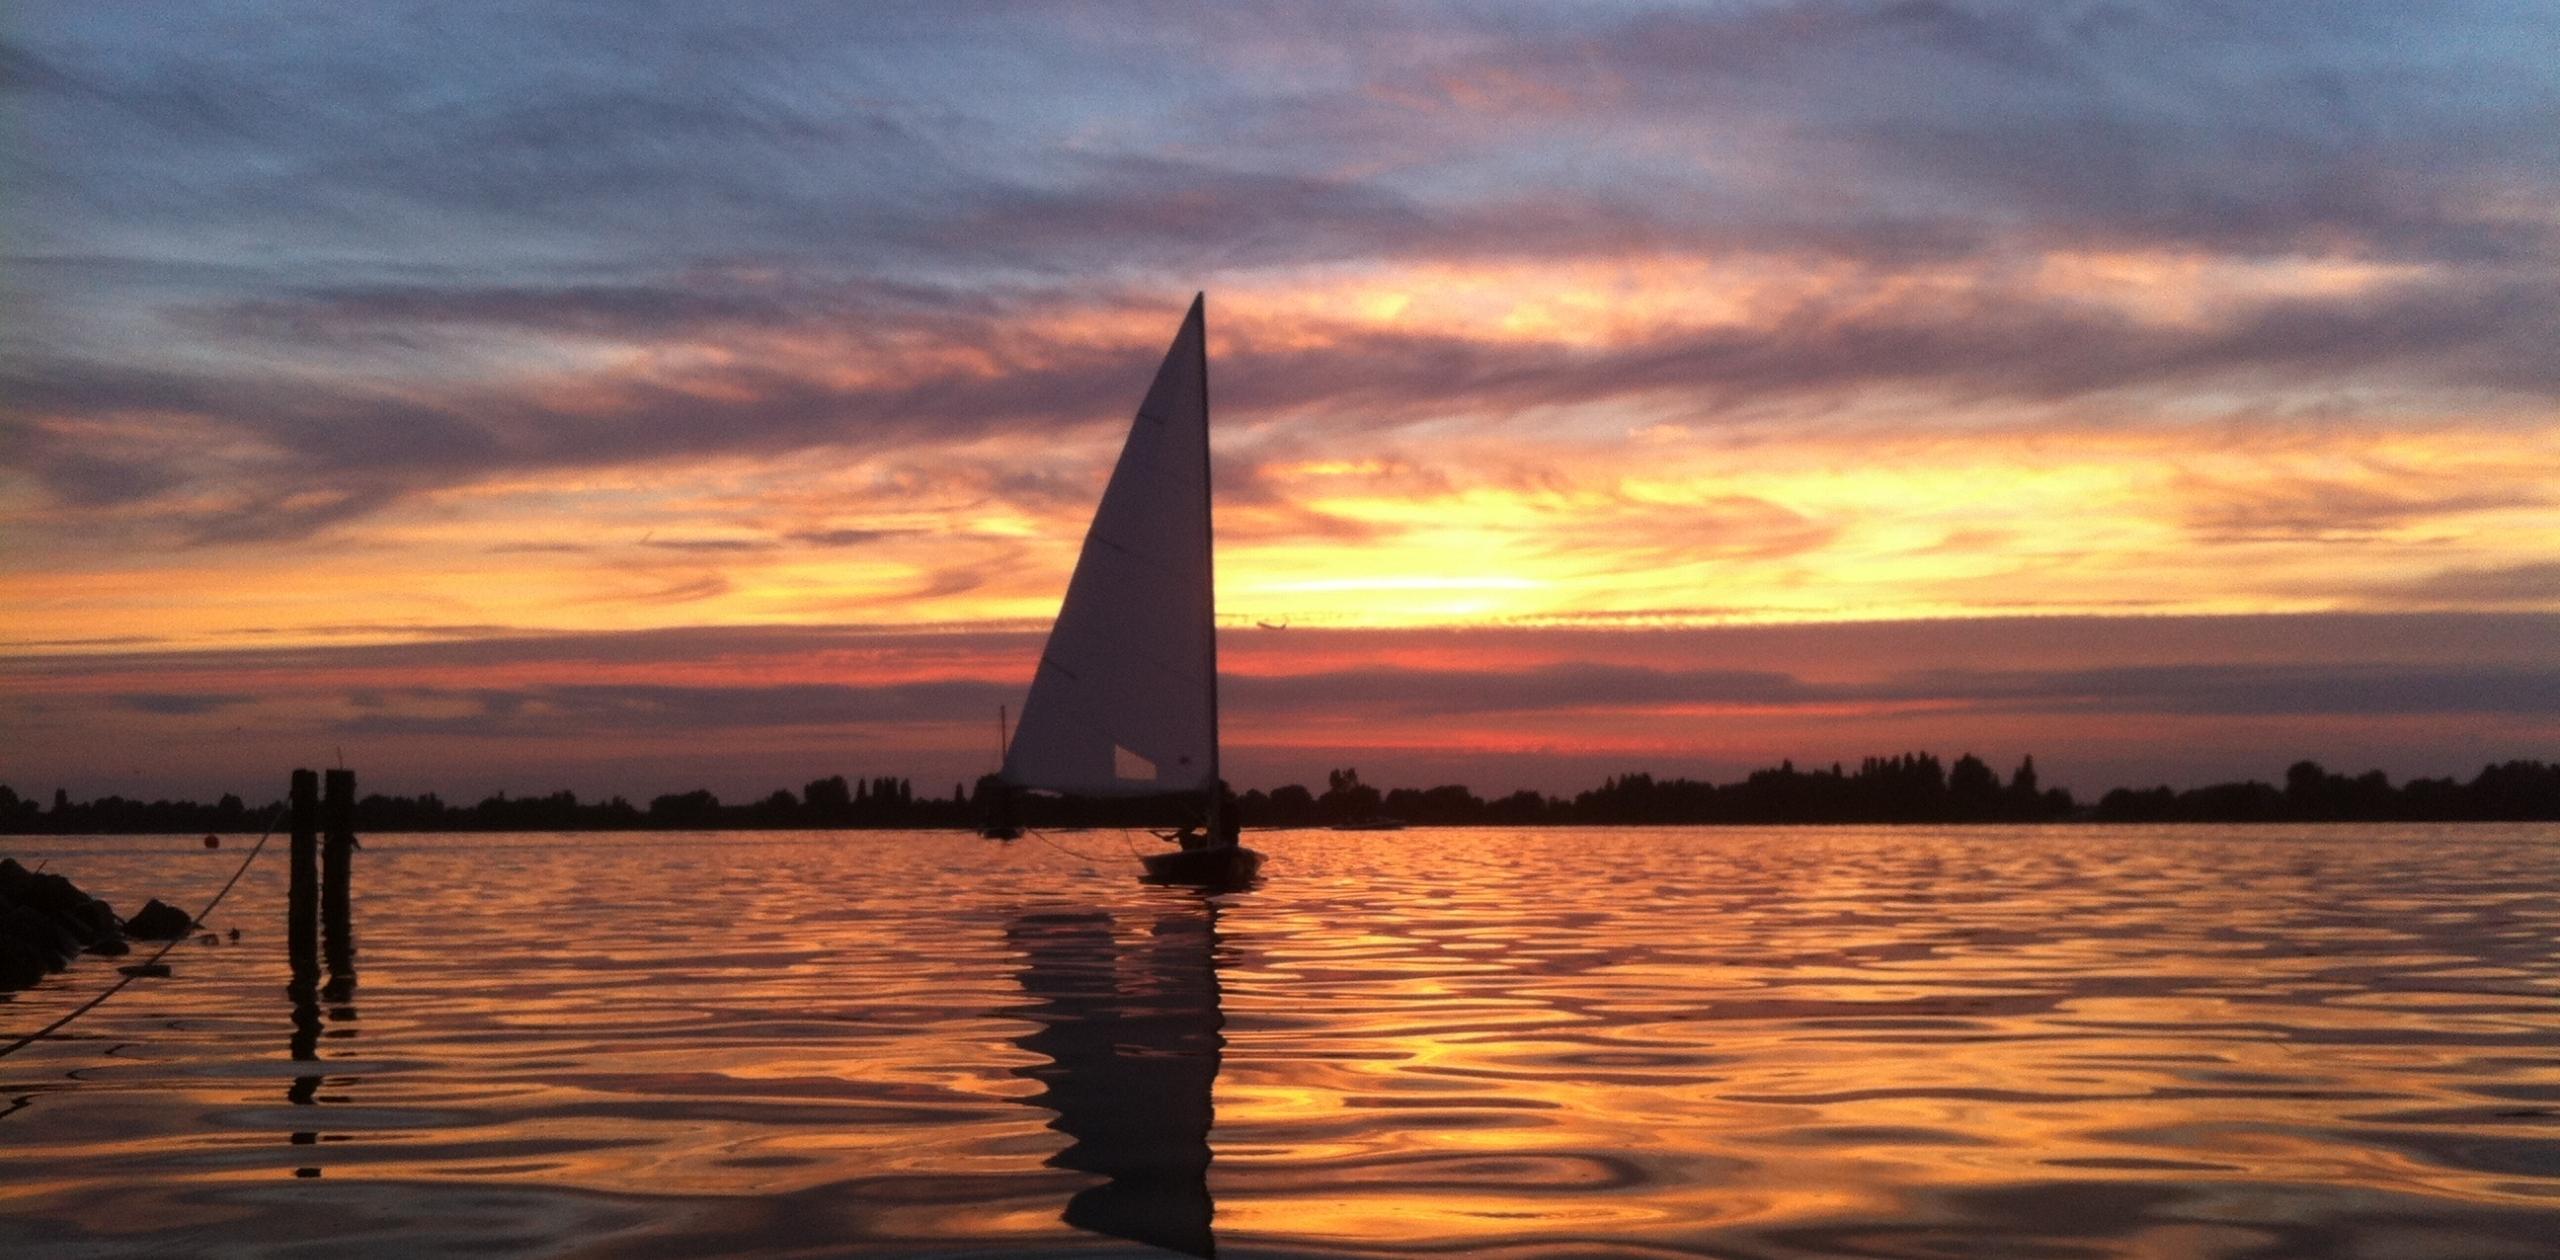 Een Laser is 's avonds aan het zeilen, op de achtergrond is een prachtige zonsondergang te zien.